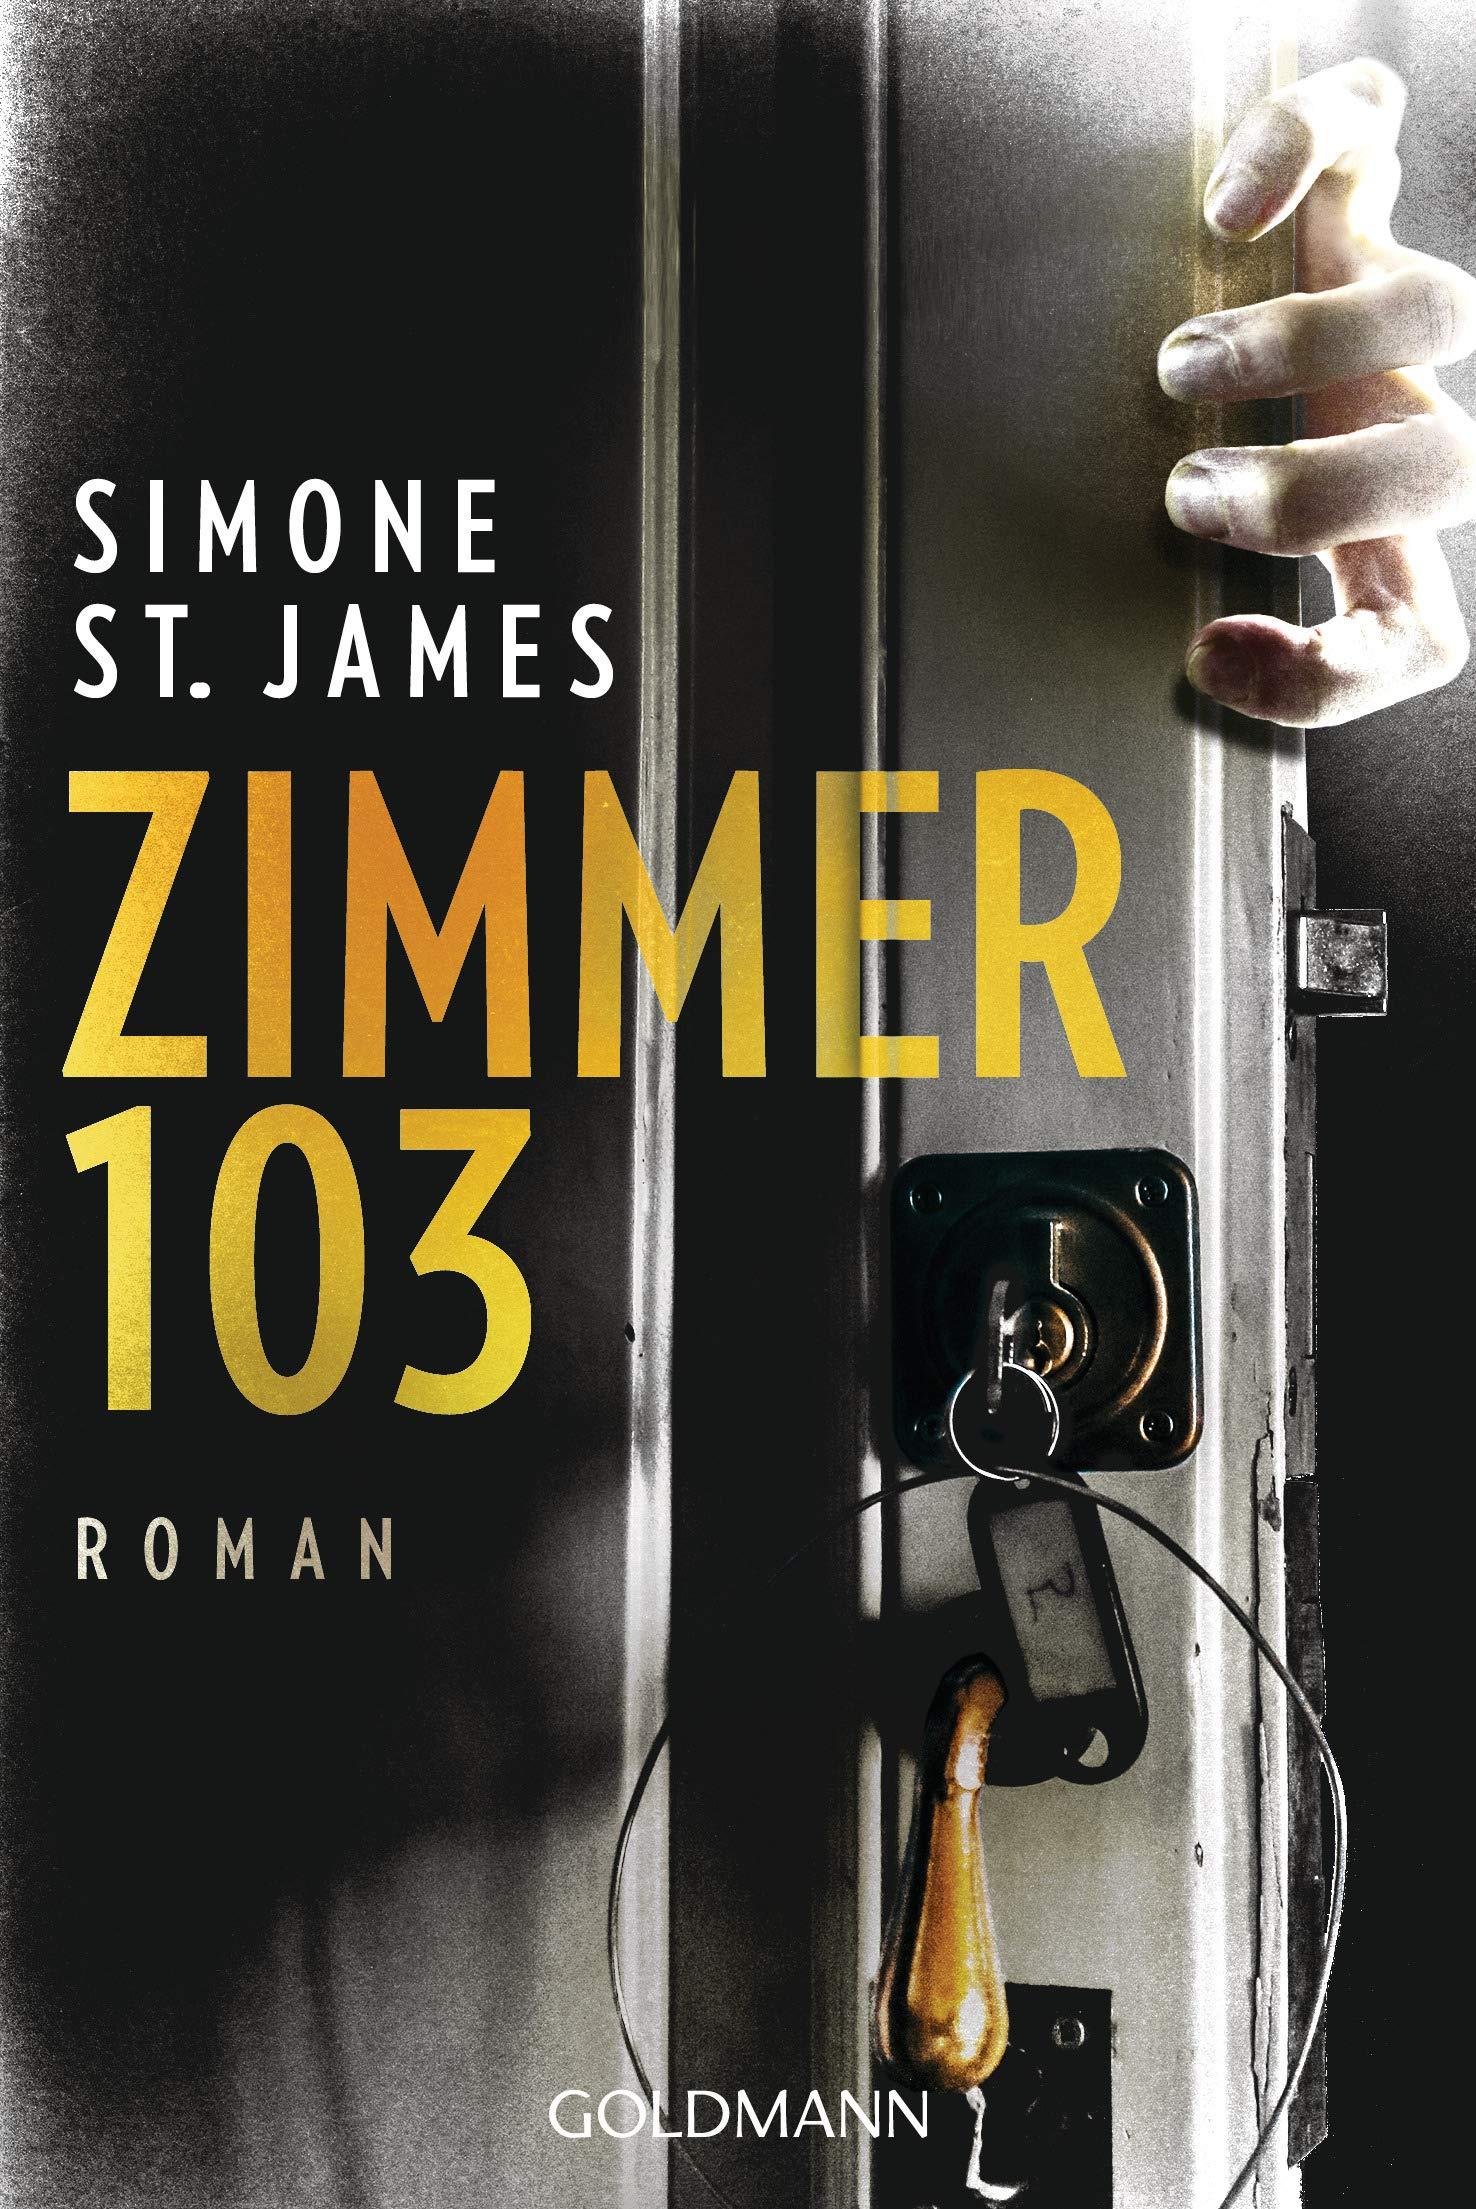 buchcover zimmer 103